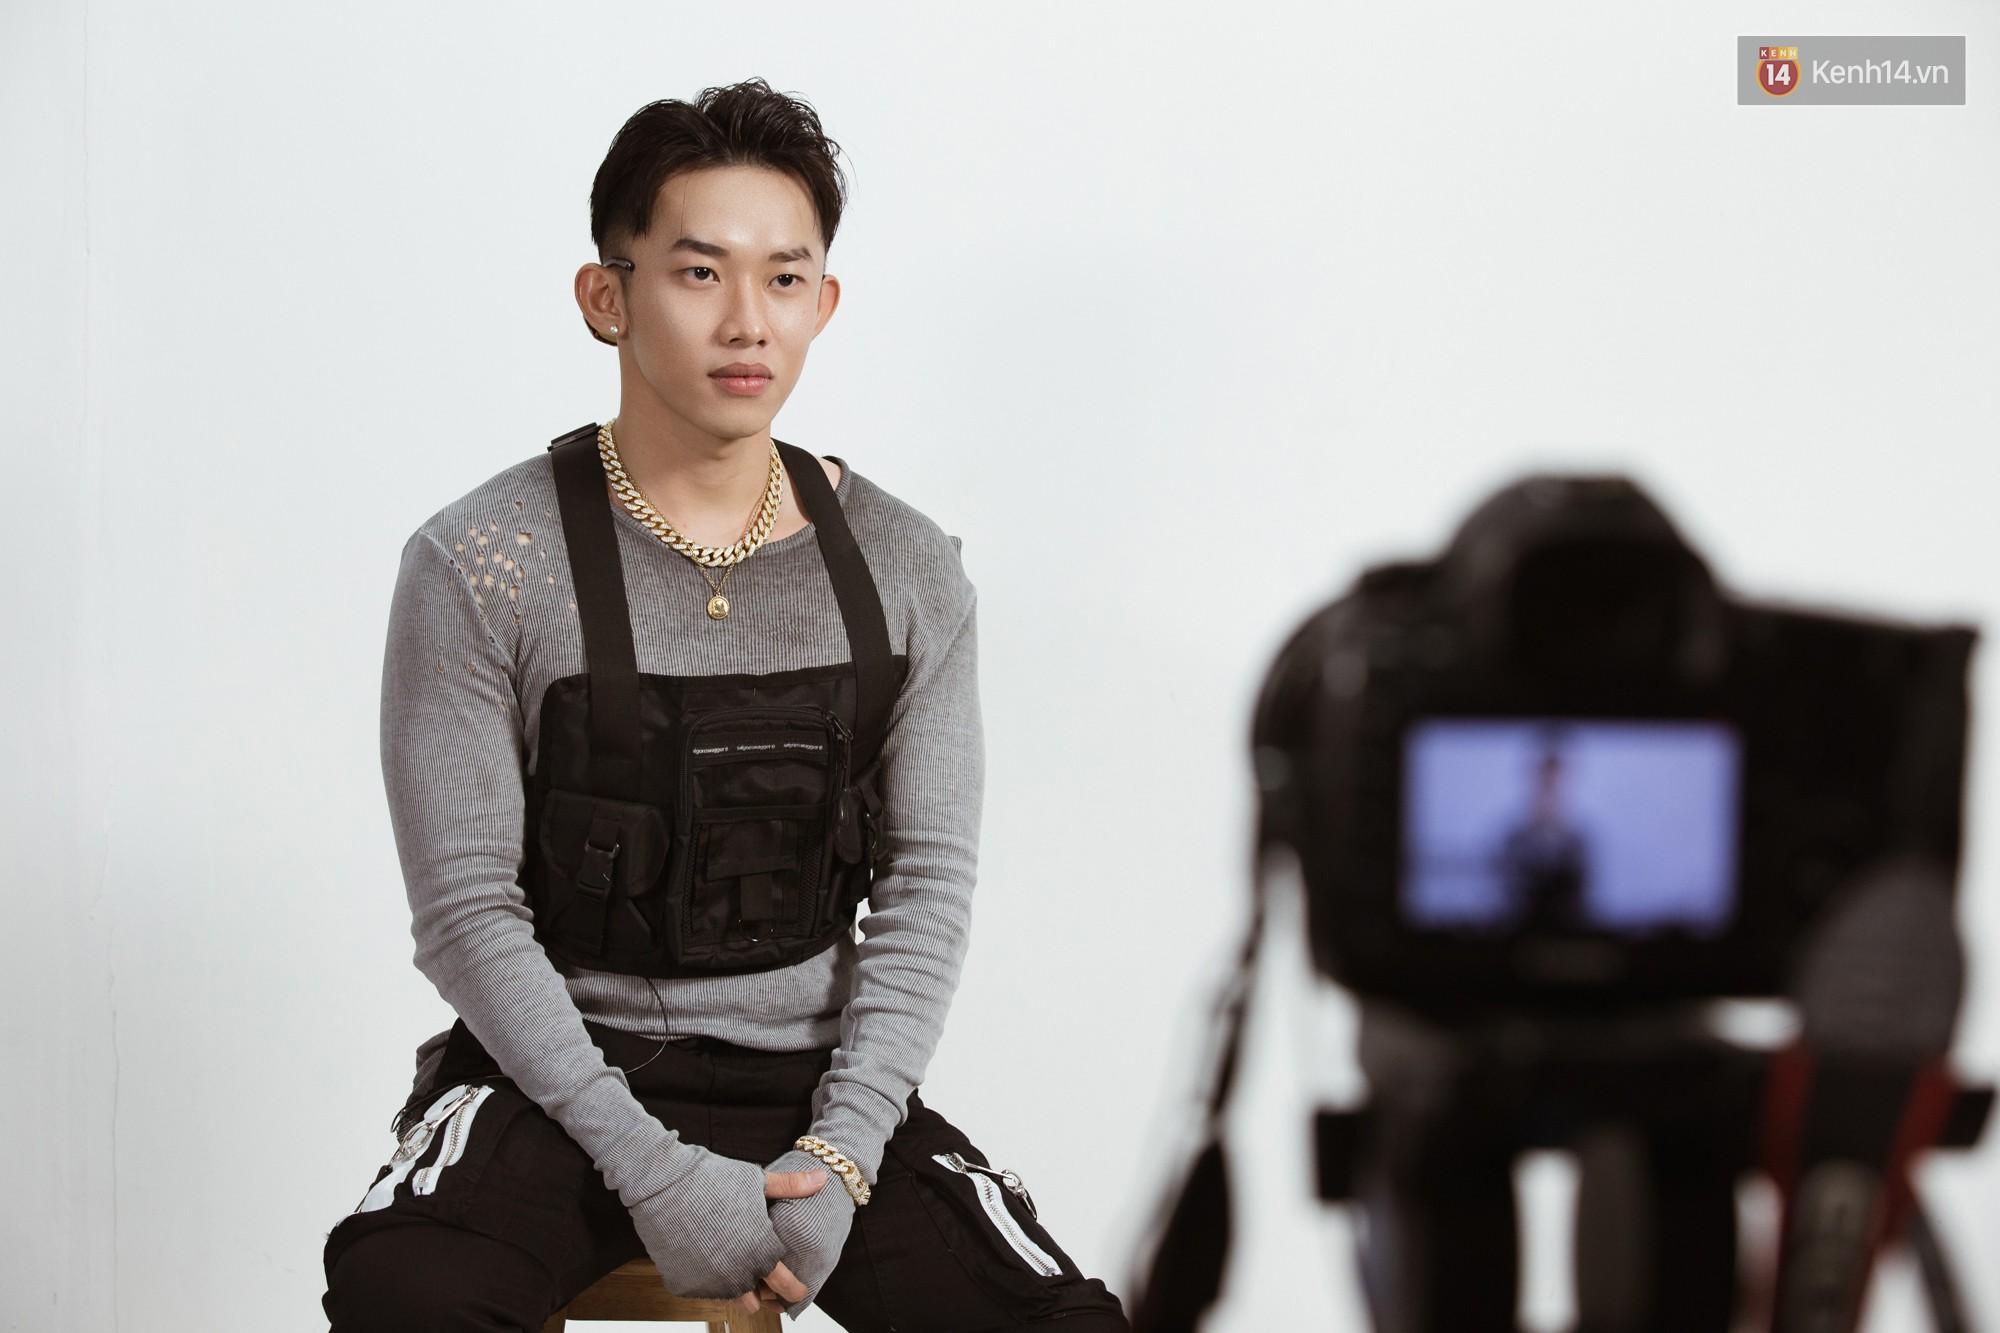 Kay Trần: Rời khỏi sân khấu, tôi còn không rõ con người thật mình là ai - Ảnh 6.